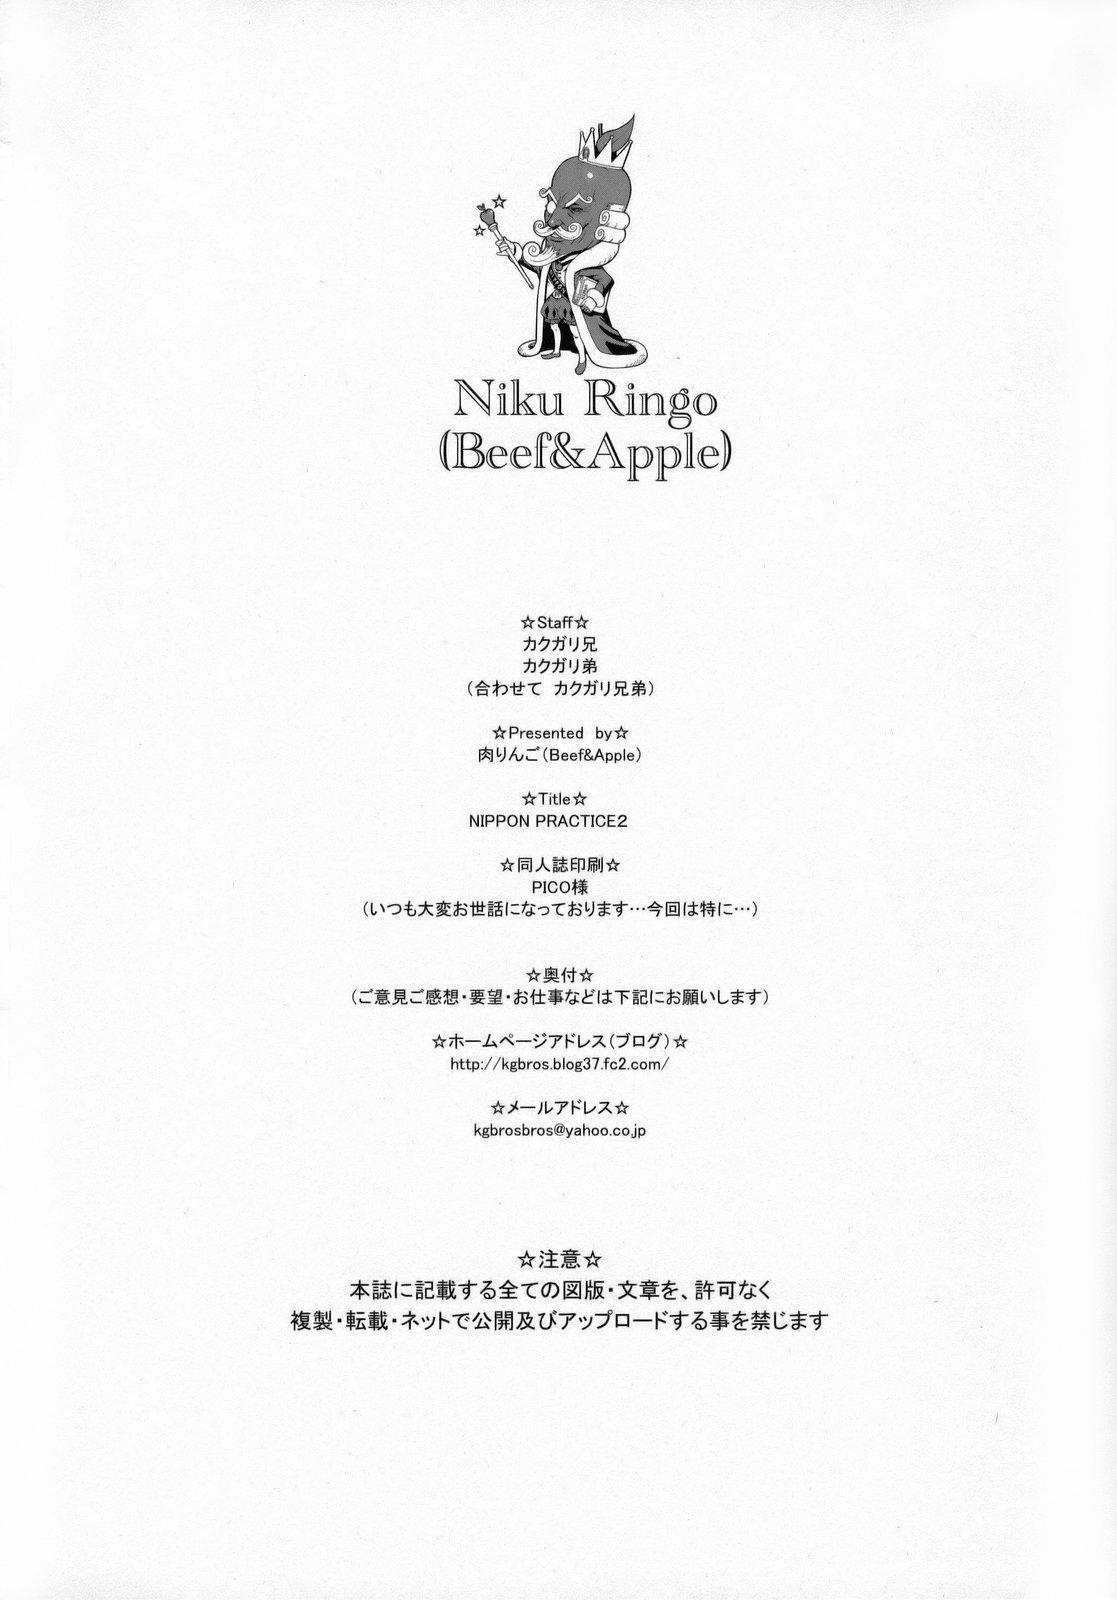 Nippon Practice 2 40